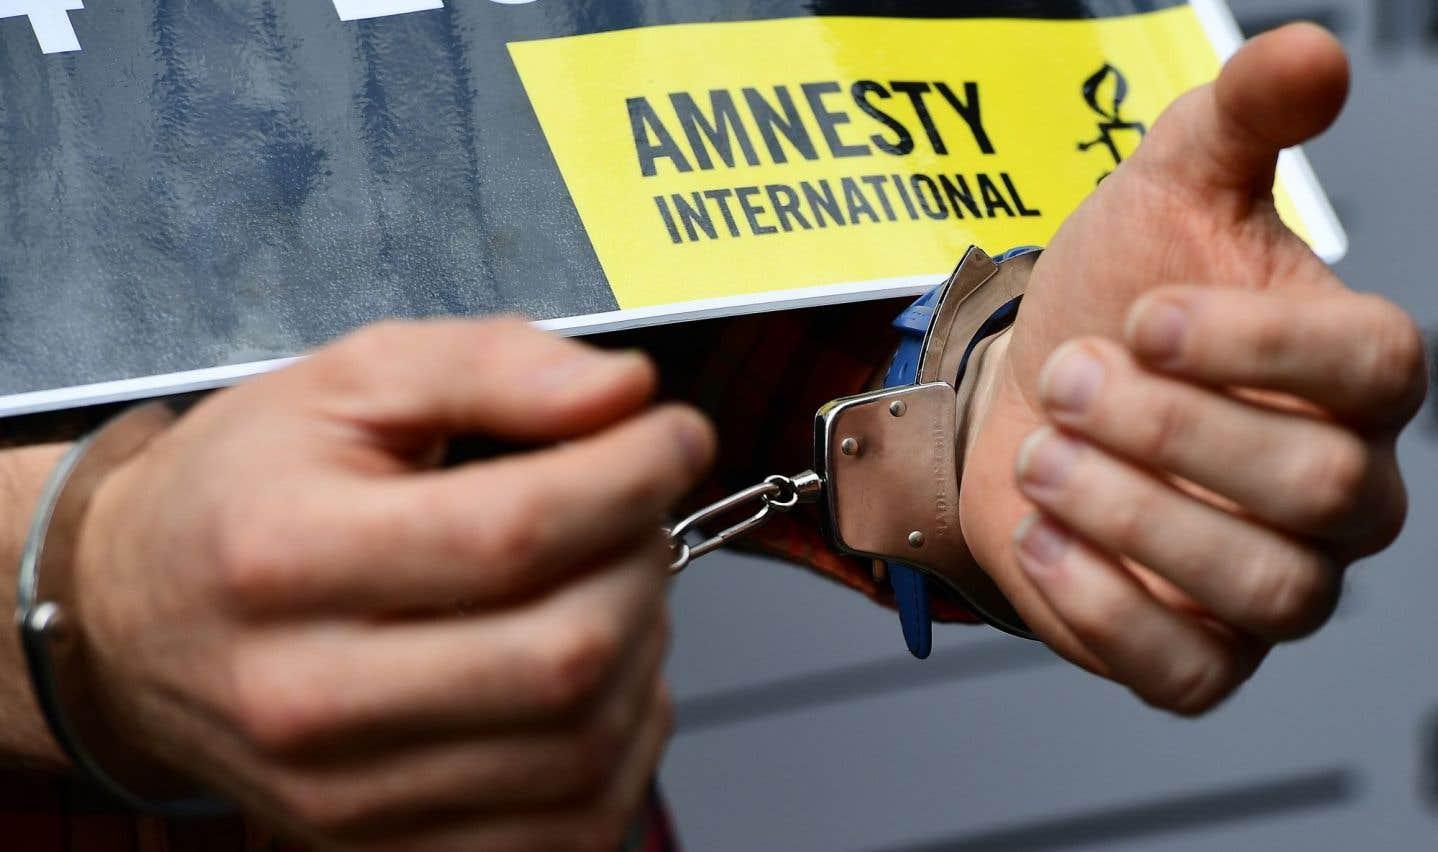 La directrice d'Amnesty International en Turquie placée en détention